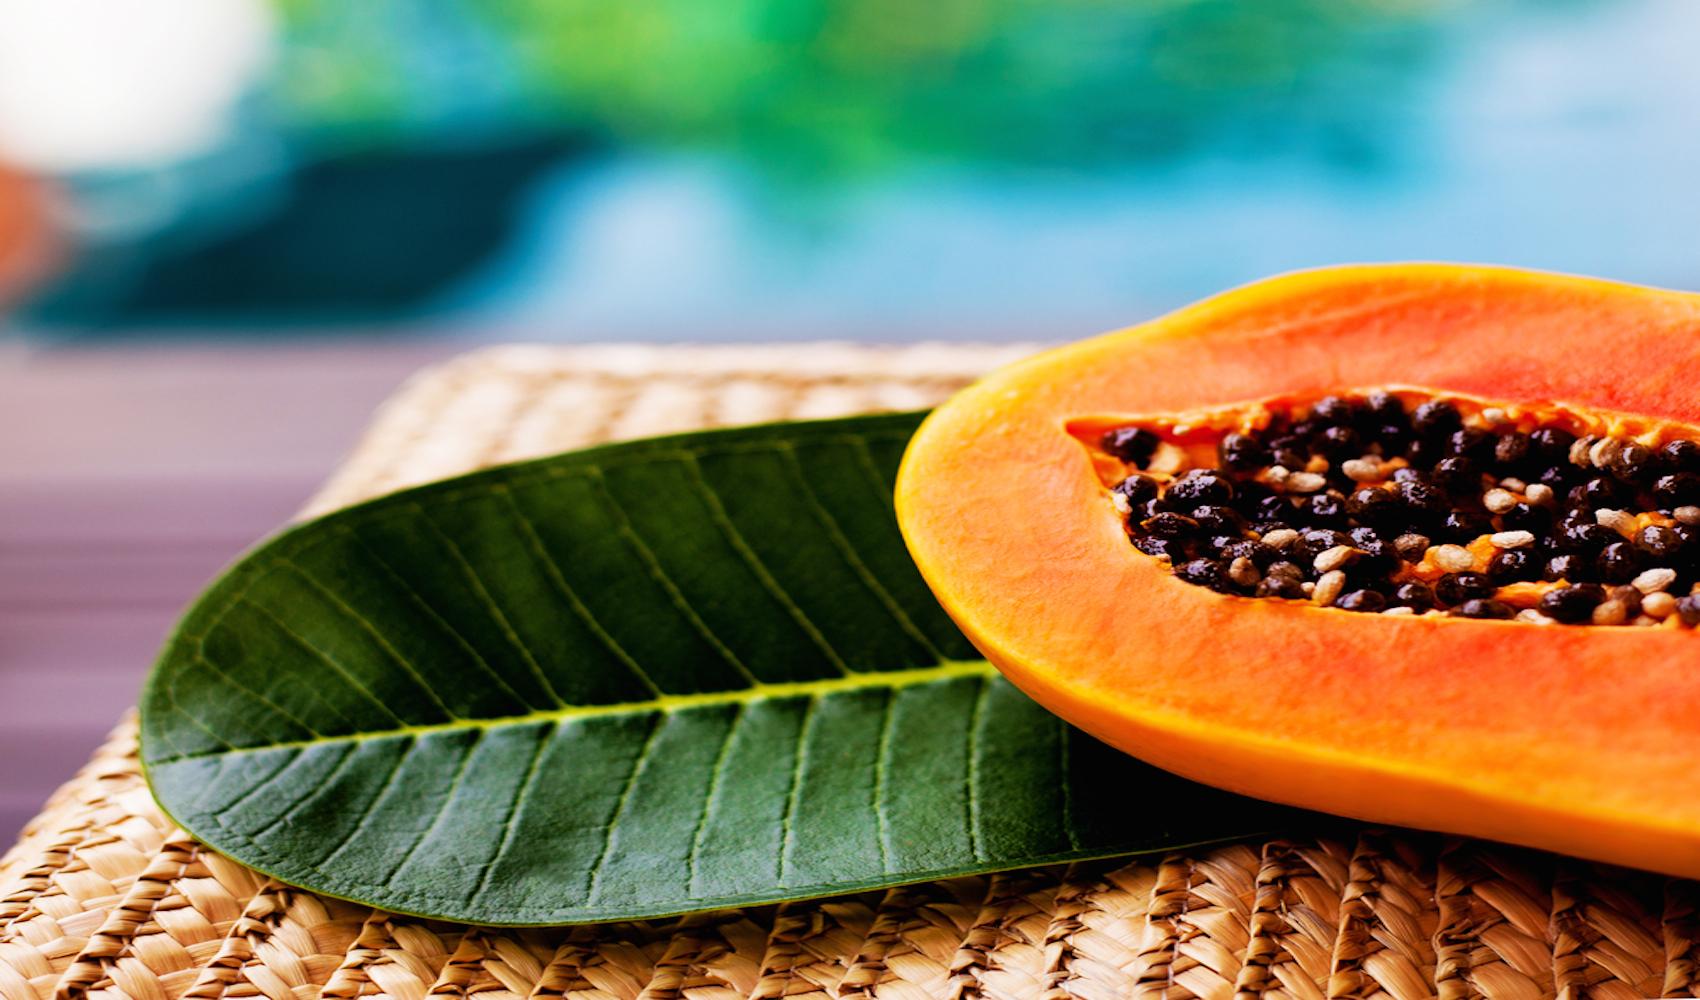 Telo_Dining_Indonesia Papaya.jpg